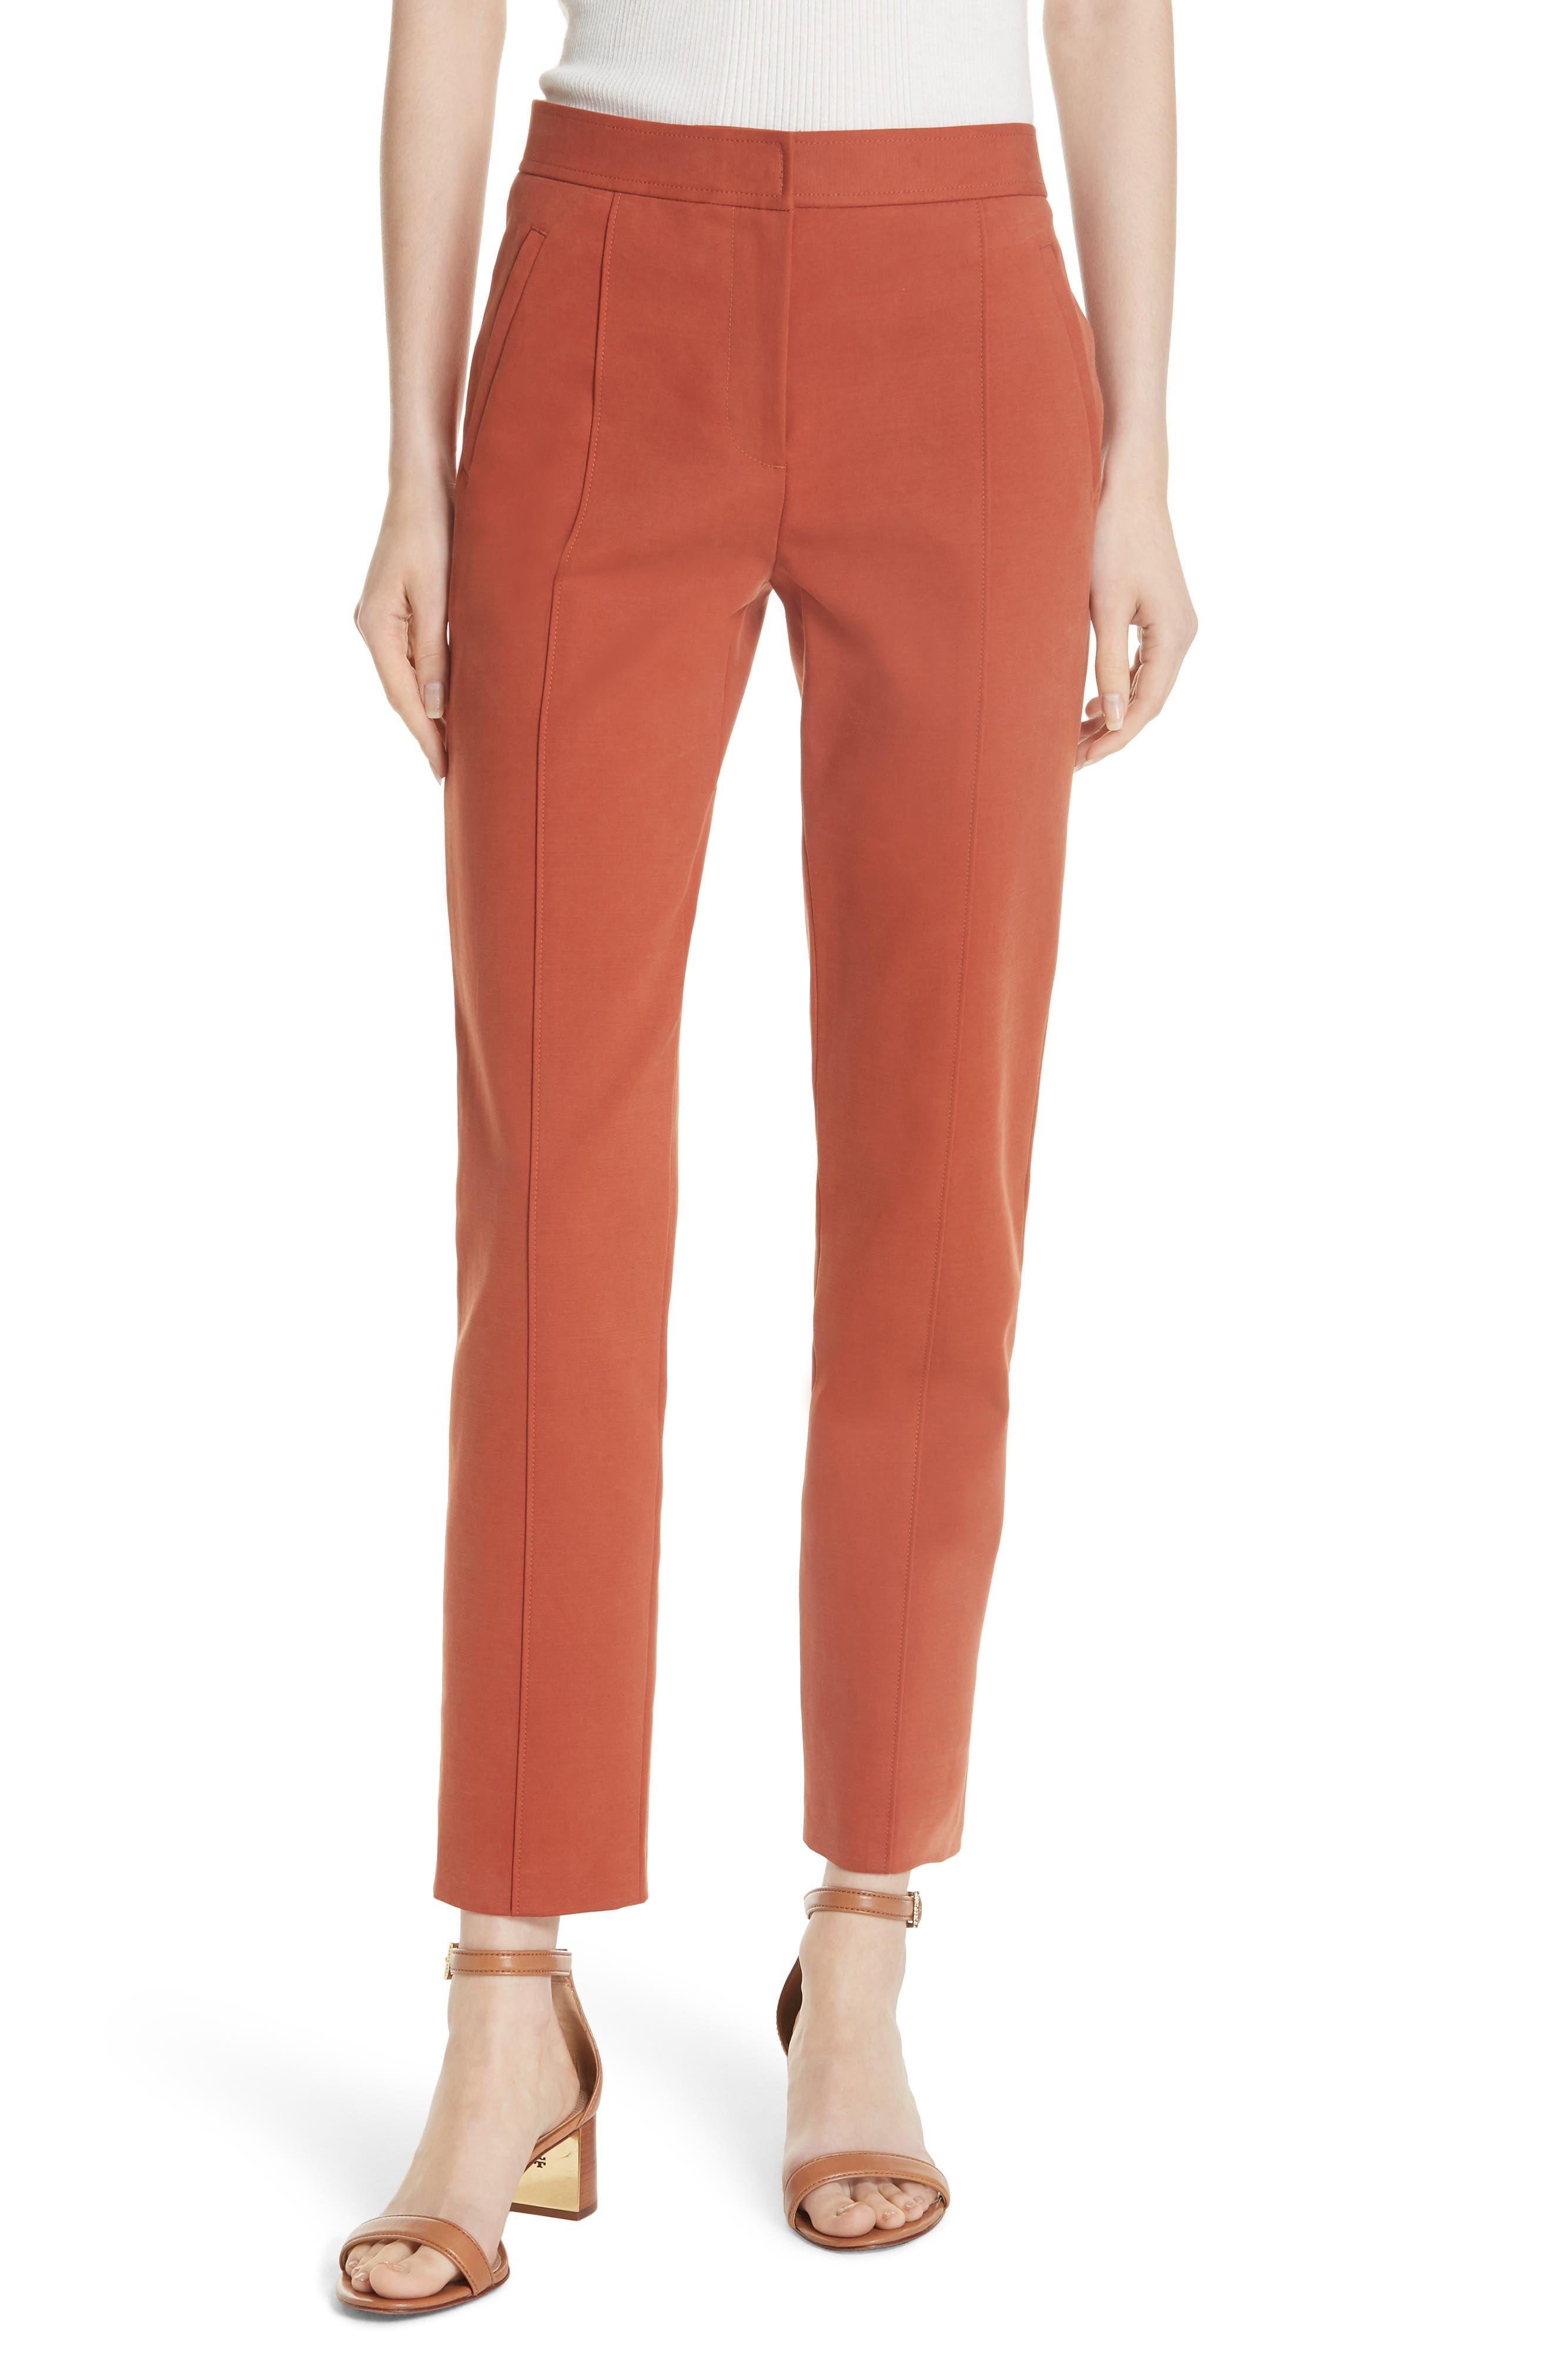 Vanner Slim Leg Ankle Pants,                         Main,                         color, DESERT SPICE